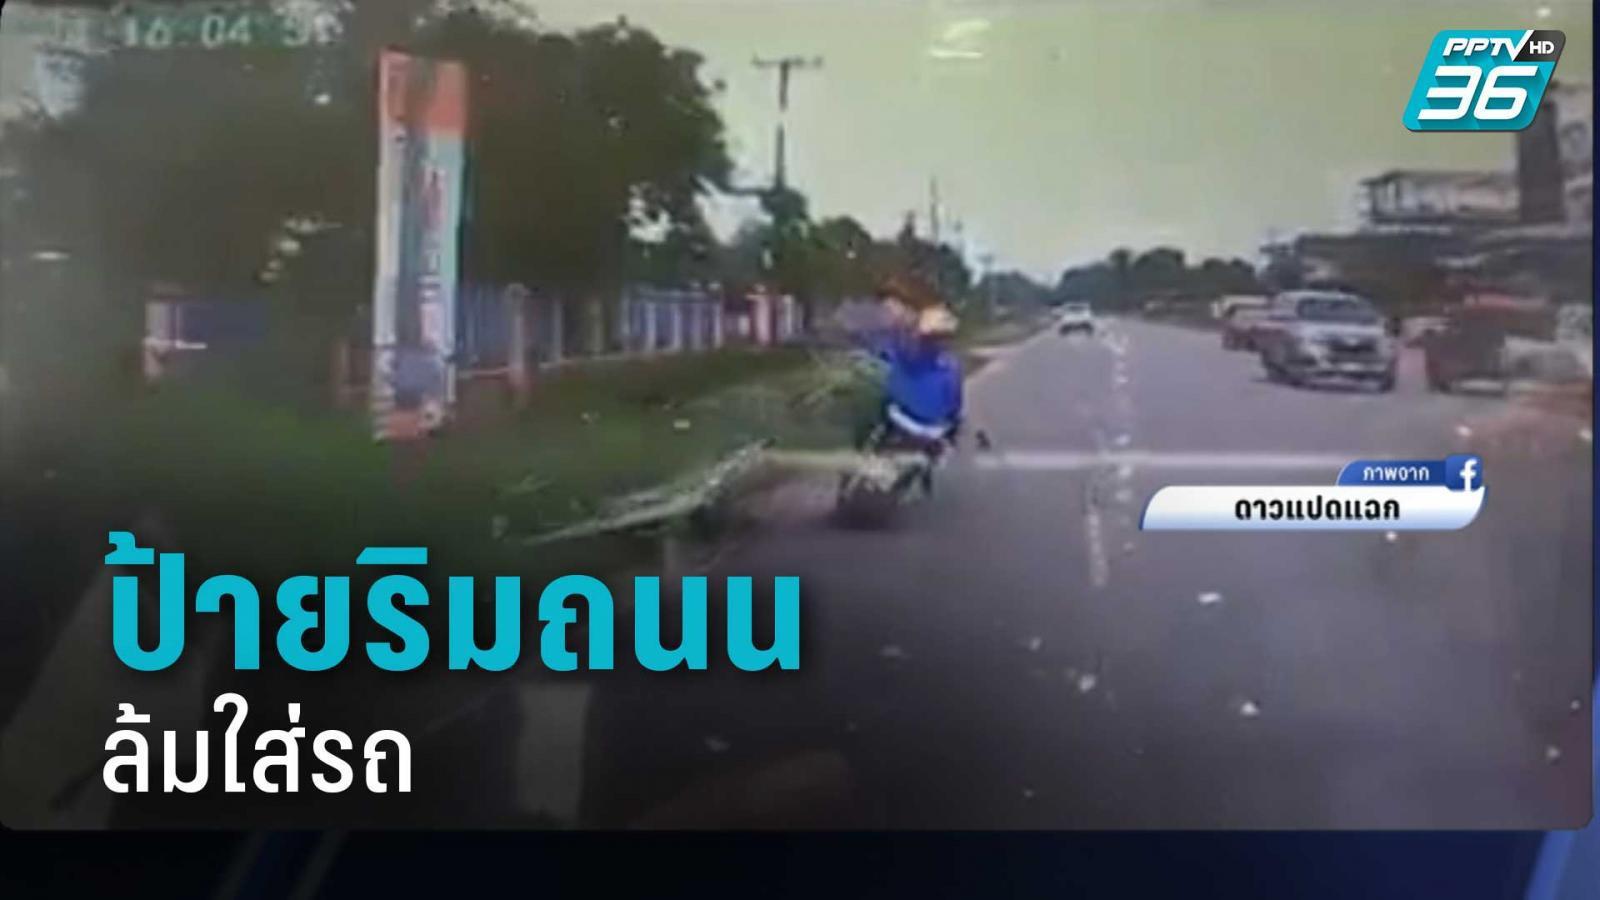 สาวขี่มอไซค์มาดีๆ ป้ายริมถนนล้มใส่ หัวแตก-รถล้ม